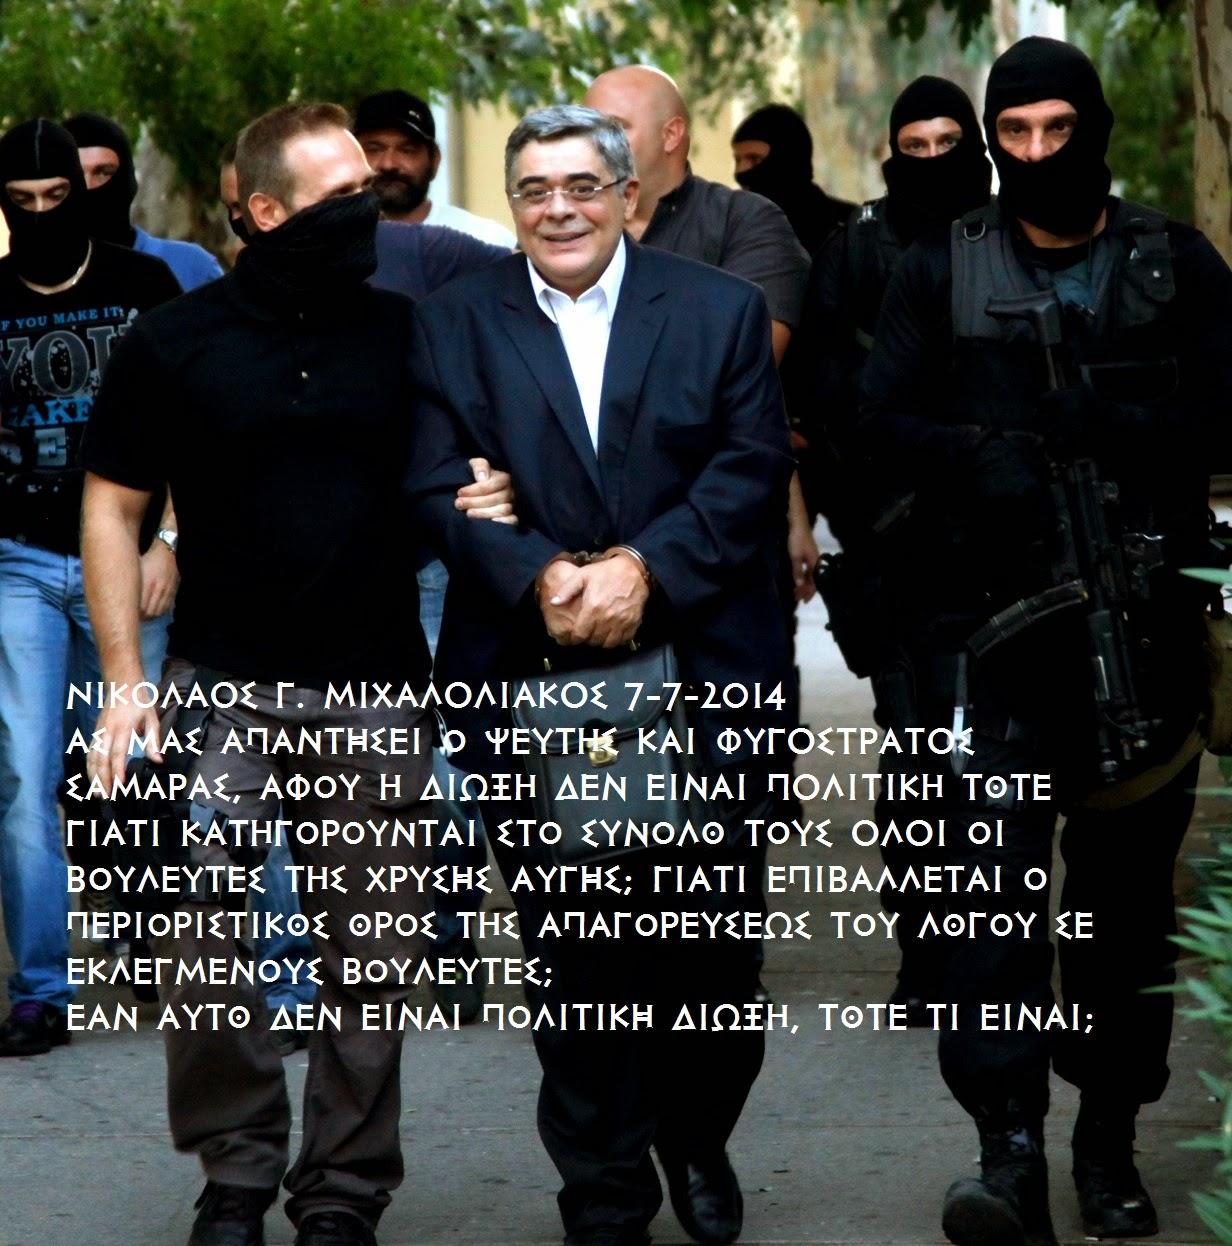 Απάντηση στα ψέματα Σαμαρά στις Βρυξέλλες - Το μήνυμα του Ν.Γ. Μιχαλολιάκου